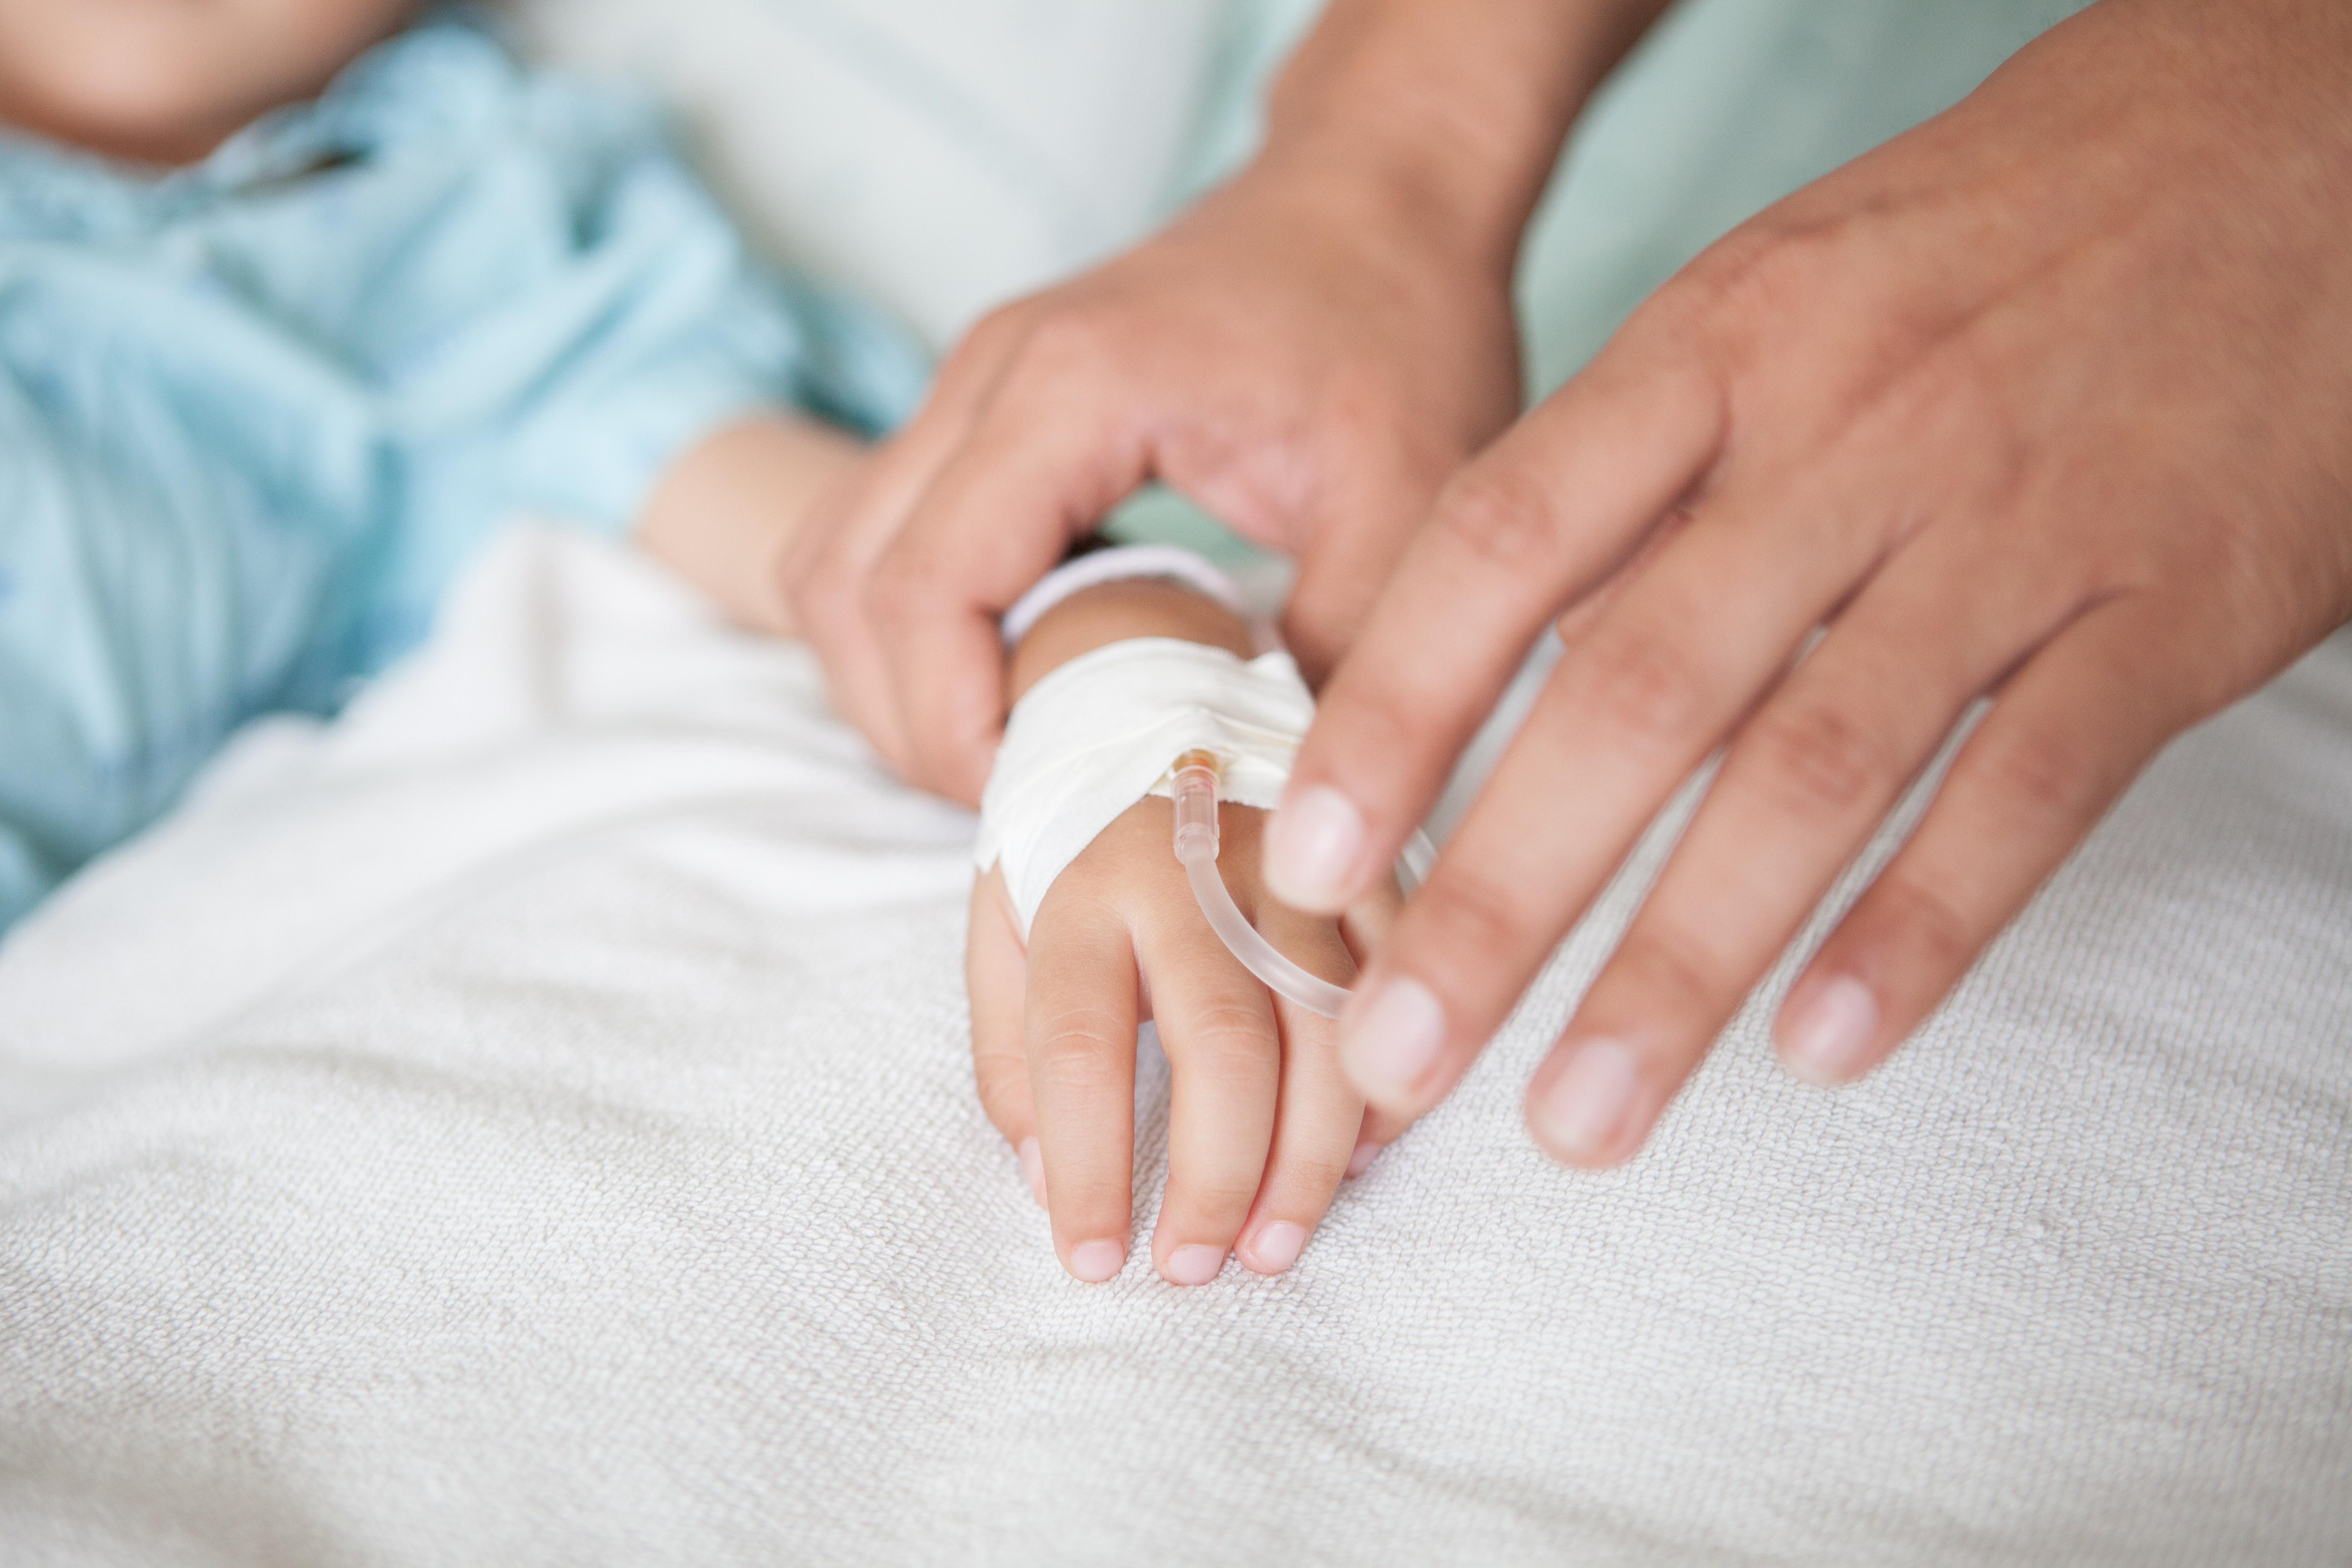 Idag överlever 80 procent av de barn som drabbas av cancer men det räcker inte Barncancerfonden vill se att samhälle och läkemedelsbolag engagerar sig ytterligare.